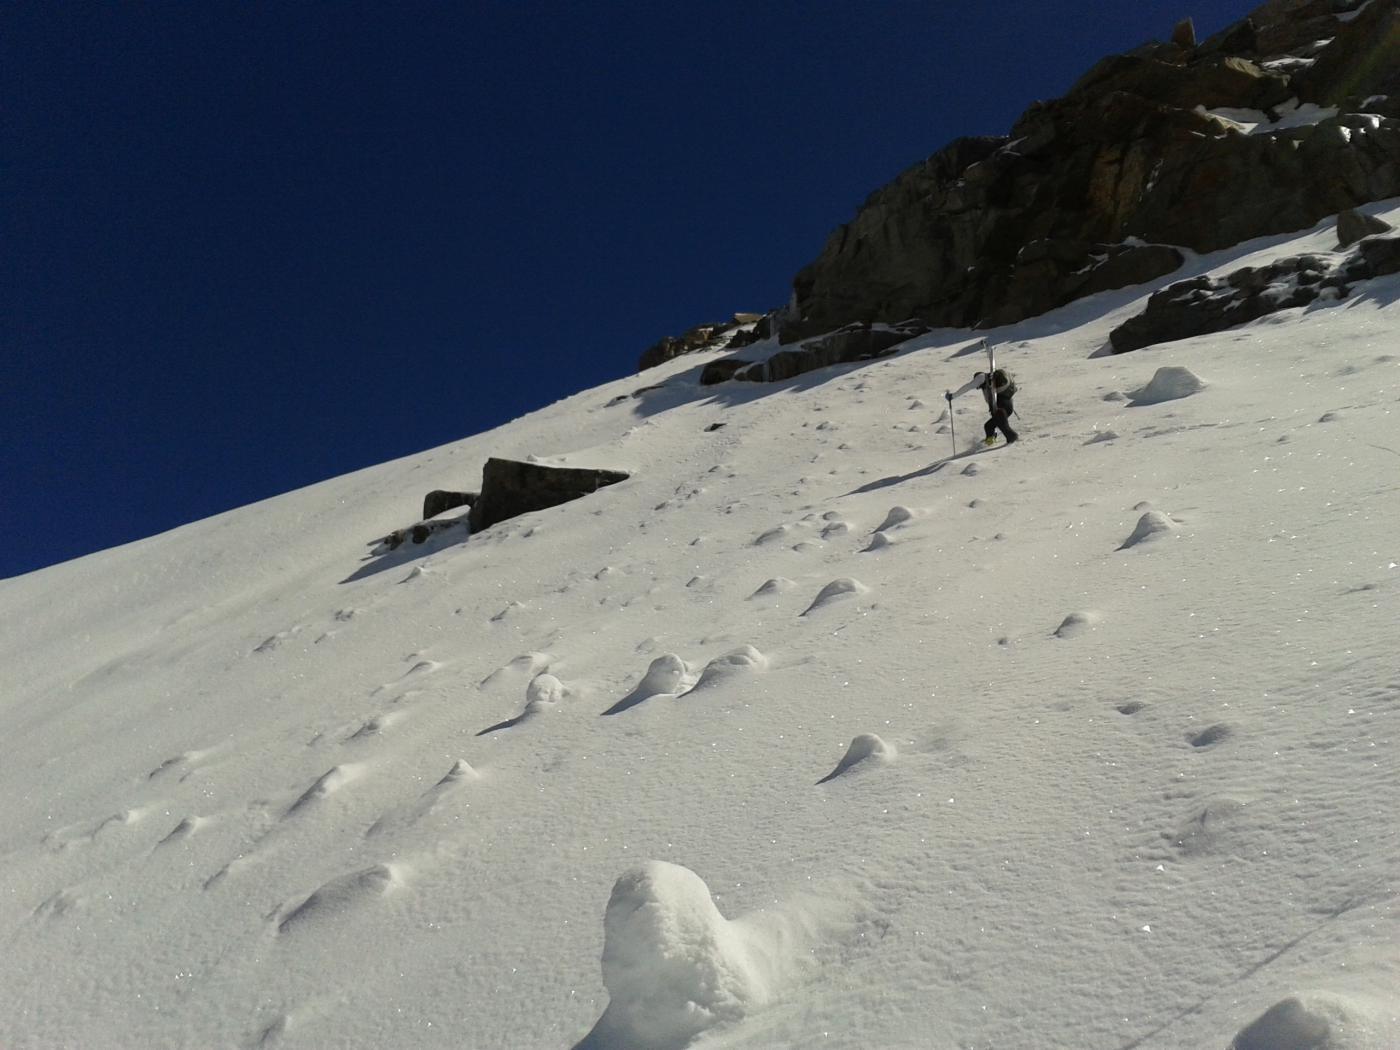 dalla base della parete si tolgono gli sci